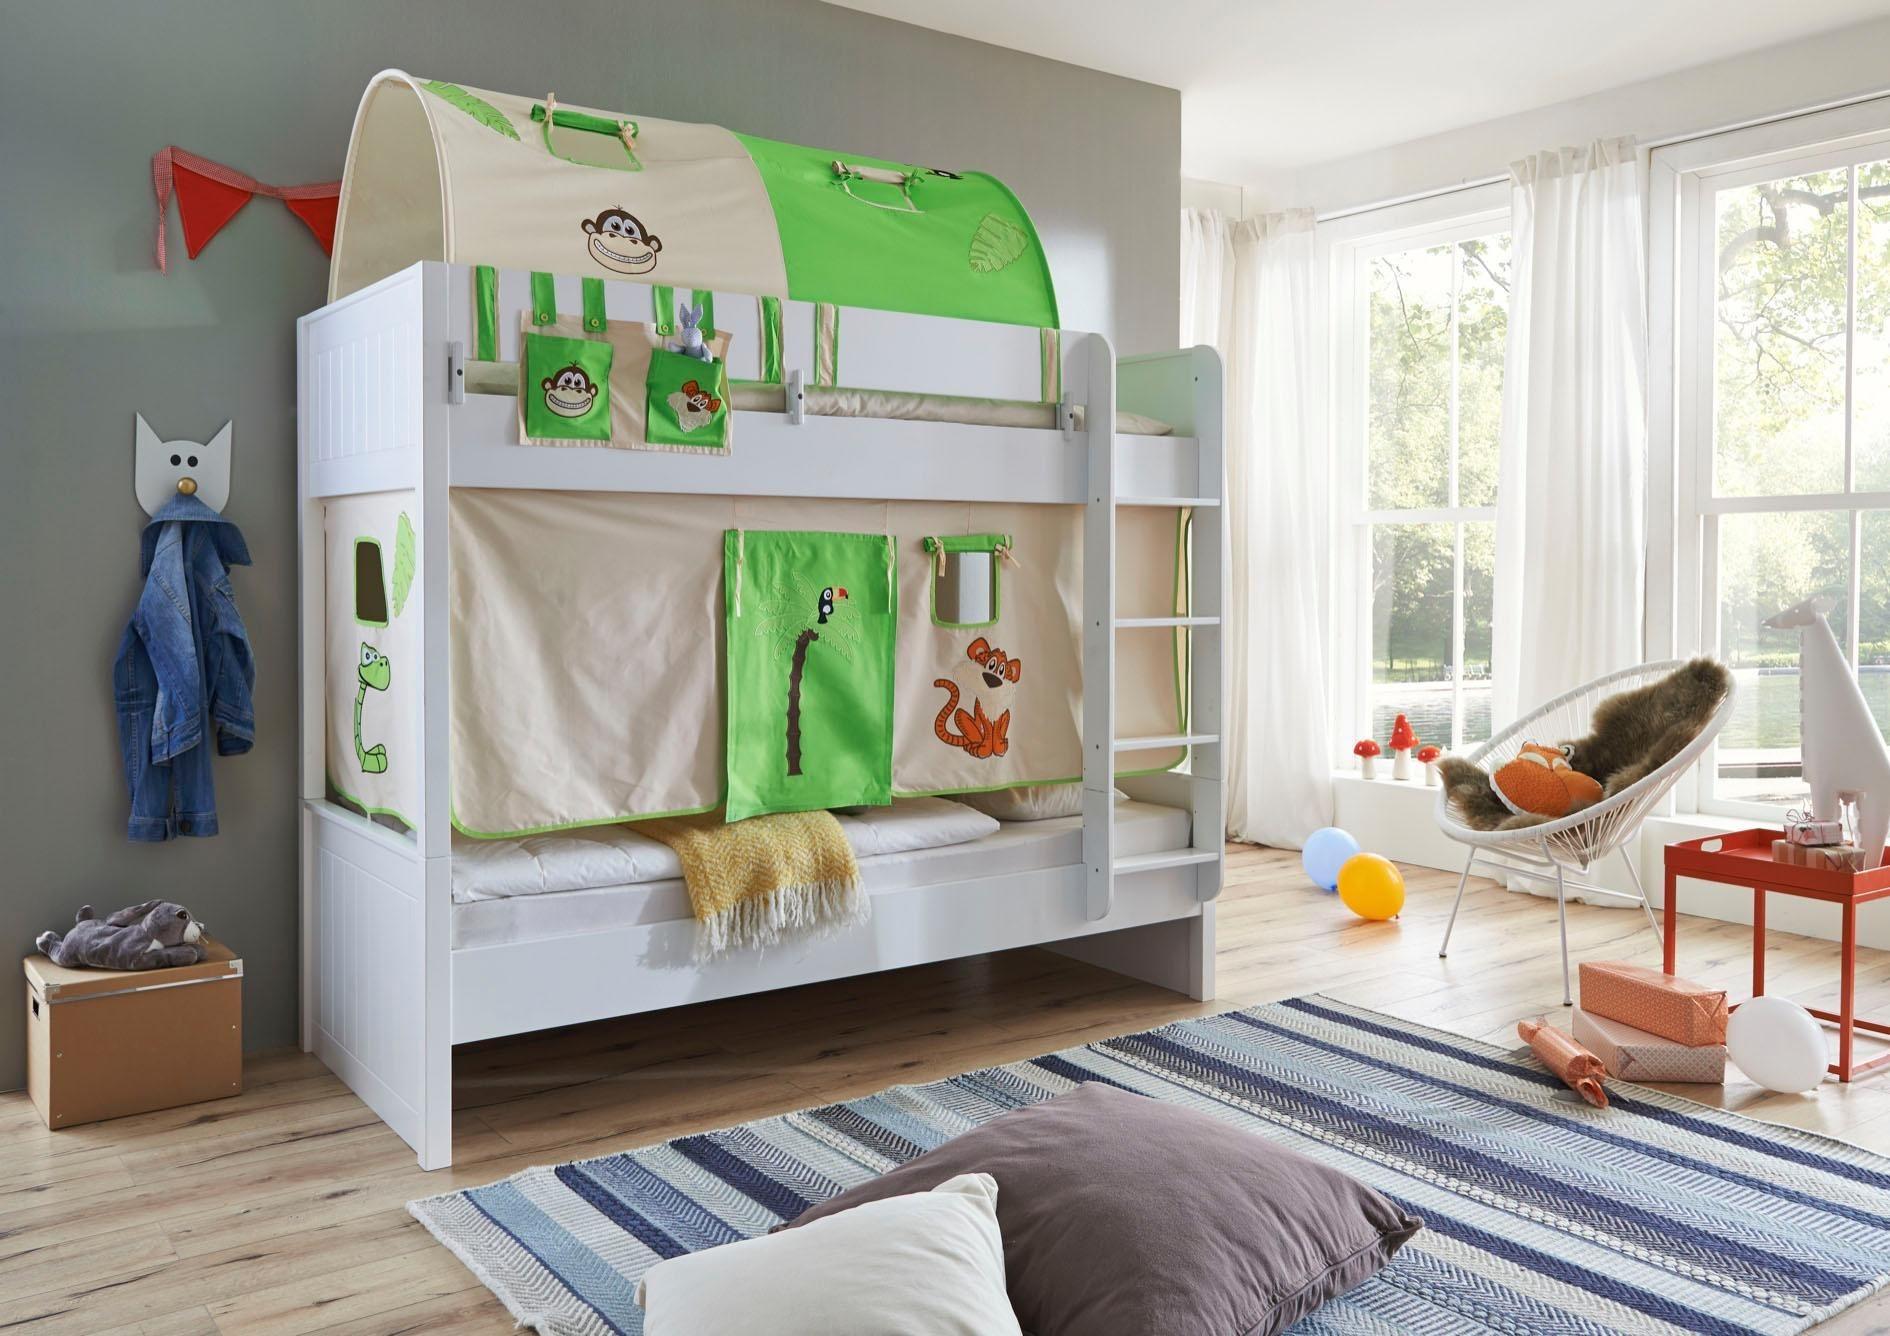 Relita Einzel-/Etagenbett »Luka« mit Vorhang-Set, Tasche und 2er-Tunnel | Kinderzimmer > Kinderbetten > Etagenbetten | Farbig | Massiver - Mdf - Baumwolle | Relita